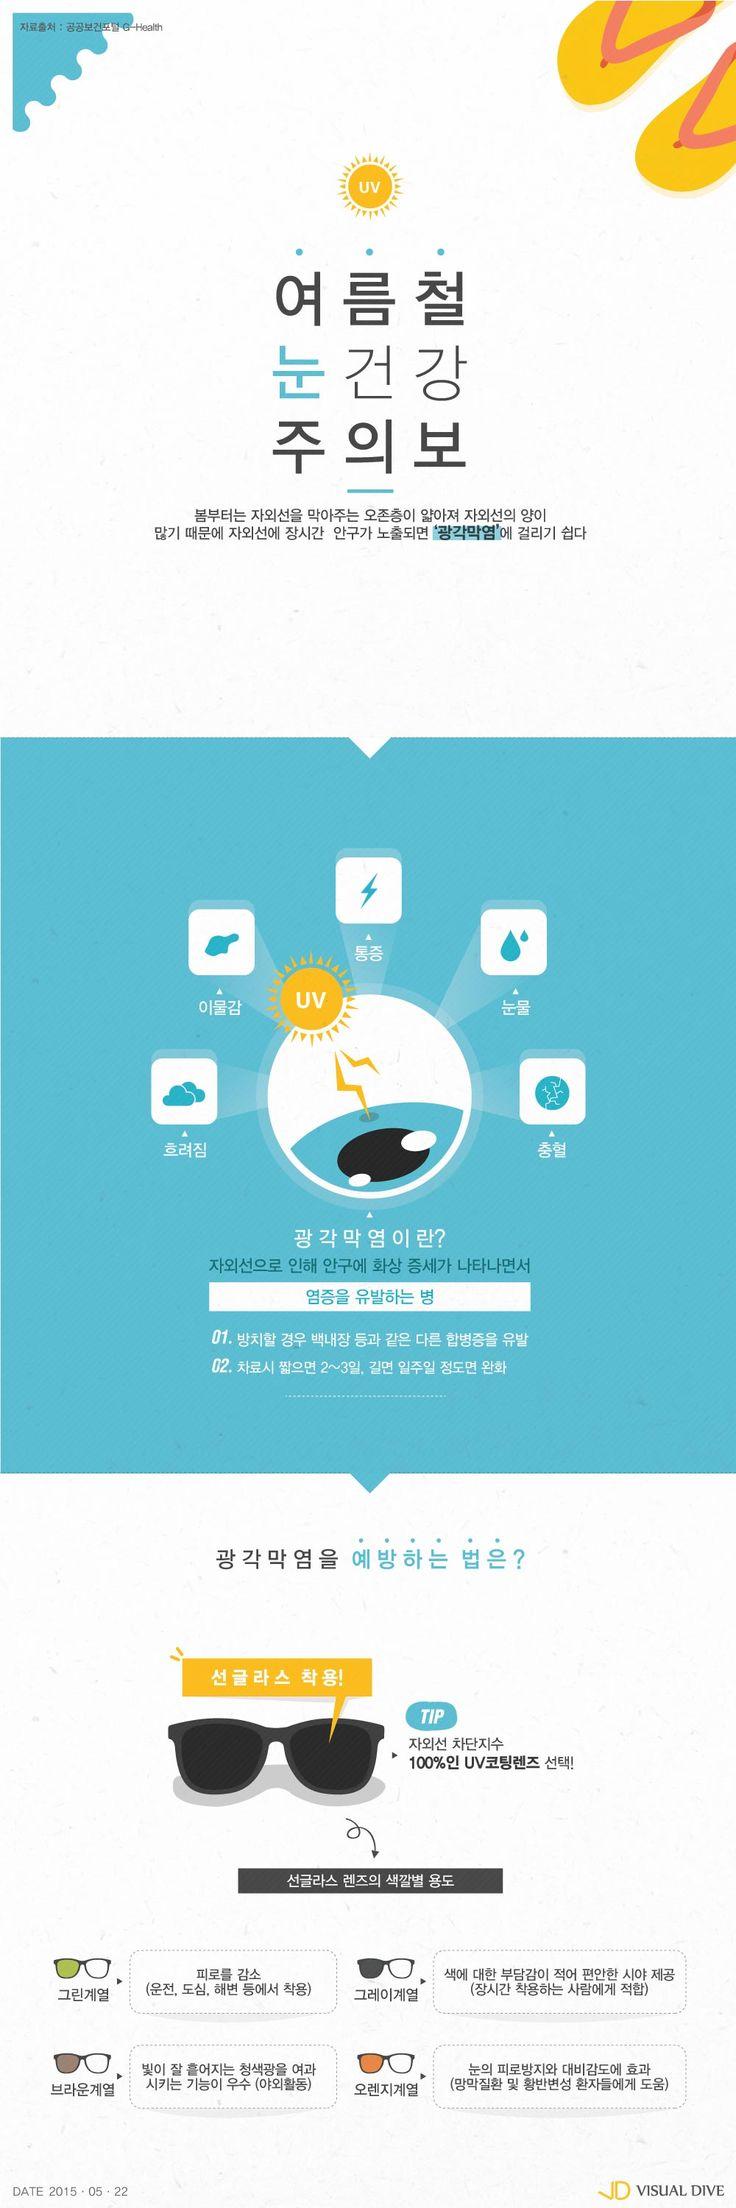 자외선 강해지는 계절, '광각막염' 주의보↑ [인포그래픽] #Photokeratitis / #Infographic ⓒ 비주얼다이브 무단 복사·전재·재배포 금지